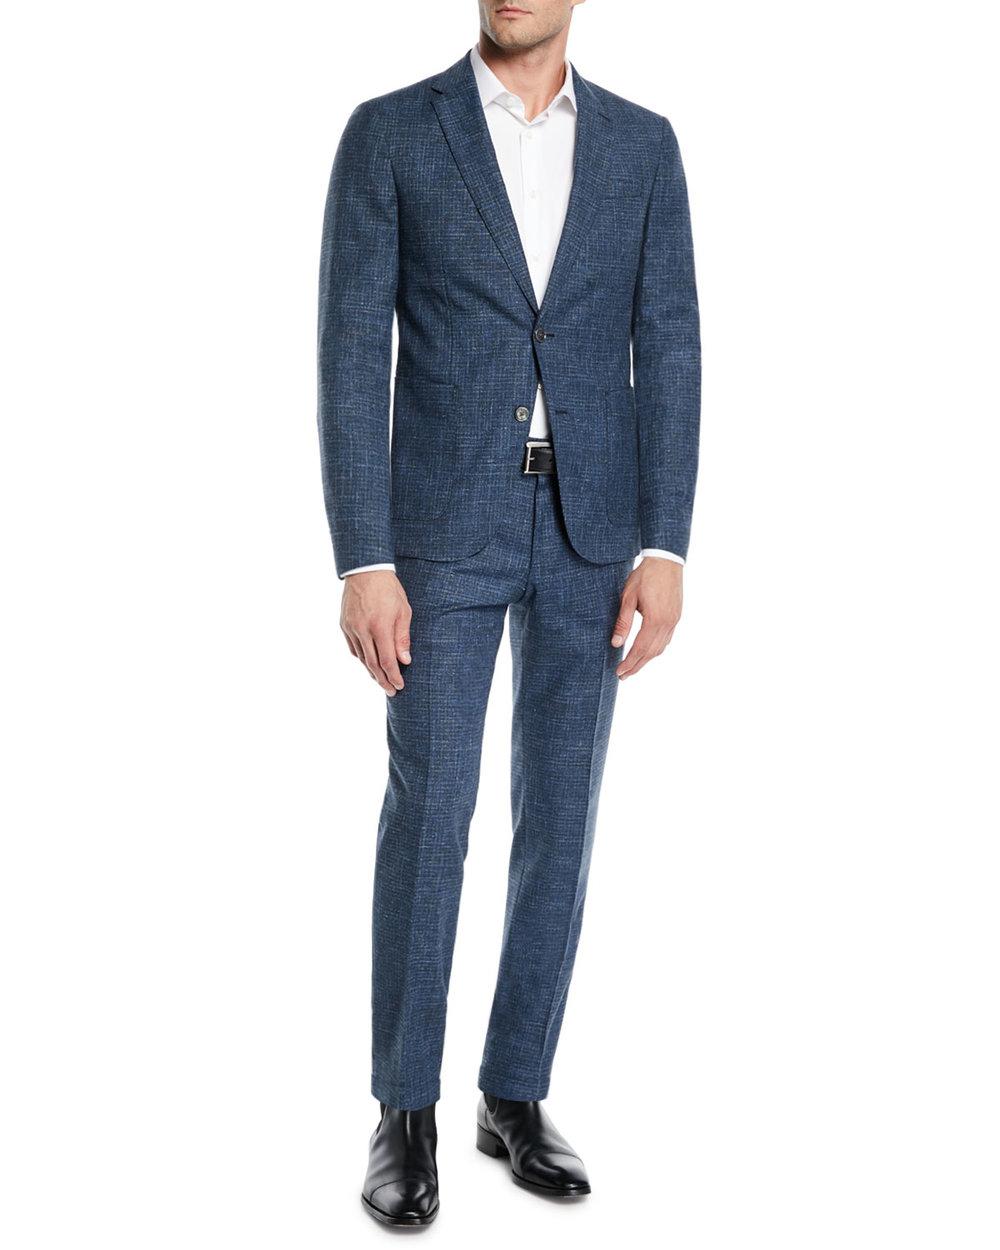 Men's Micro-Weave Wool/Cotton Suit, $895, BOSS Hugo Boss,  Neiman Marcus